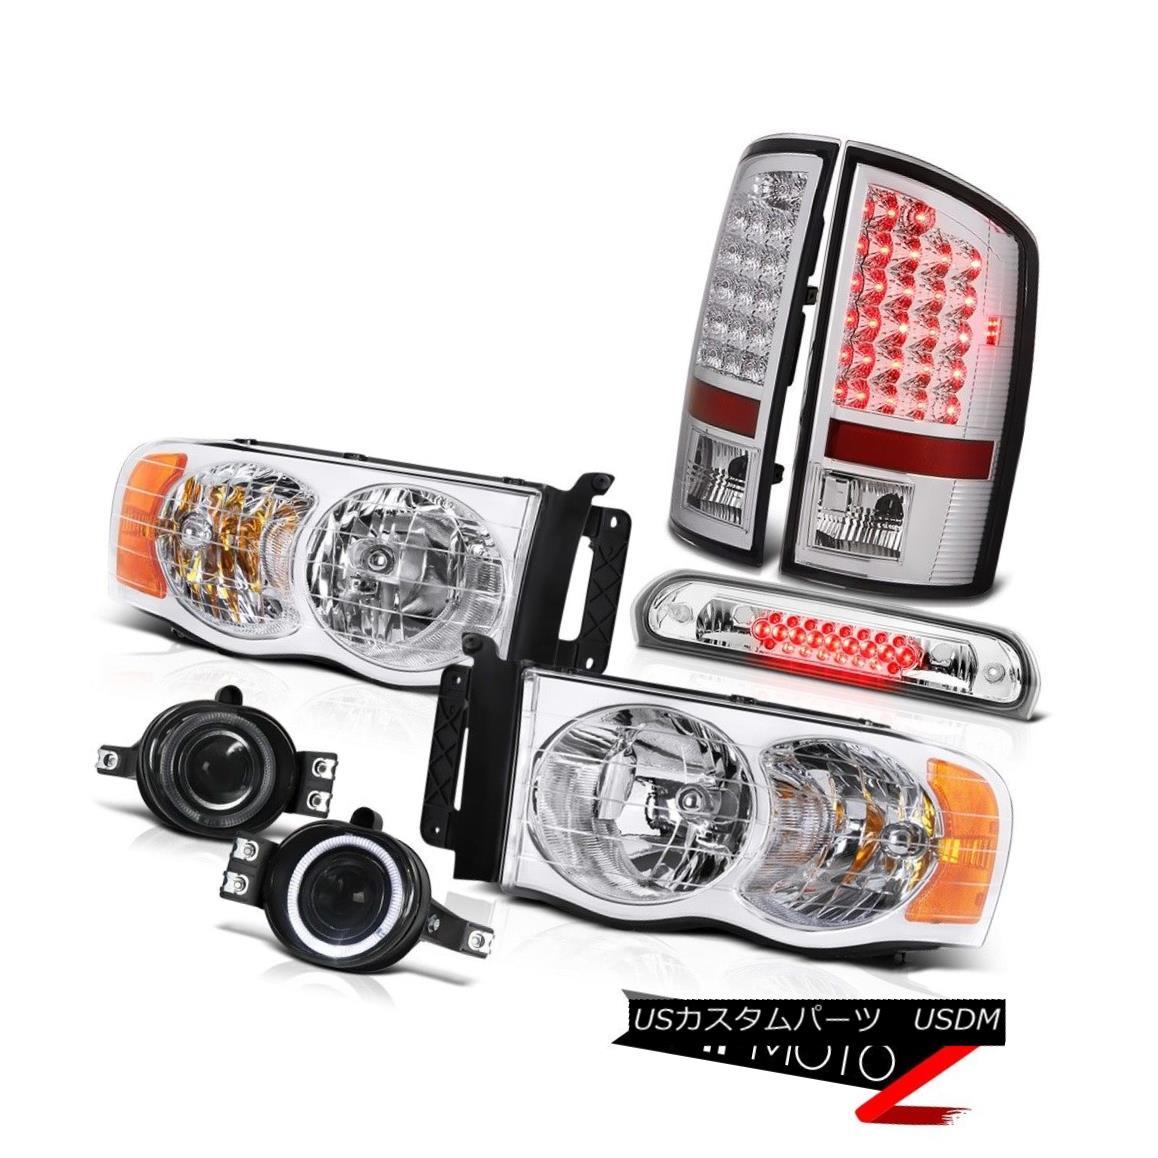 テールライト 2002-2005 Ram TurboDiesel Euro Headlights LED Tail Lights Glass Fog Roof Stop 2002 - 2005年ラムターボディーゼルユーロヘッドライトLEDテールライトガラスフォグ屋根ストップ